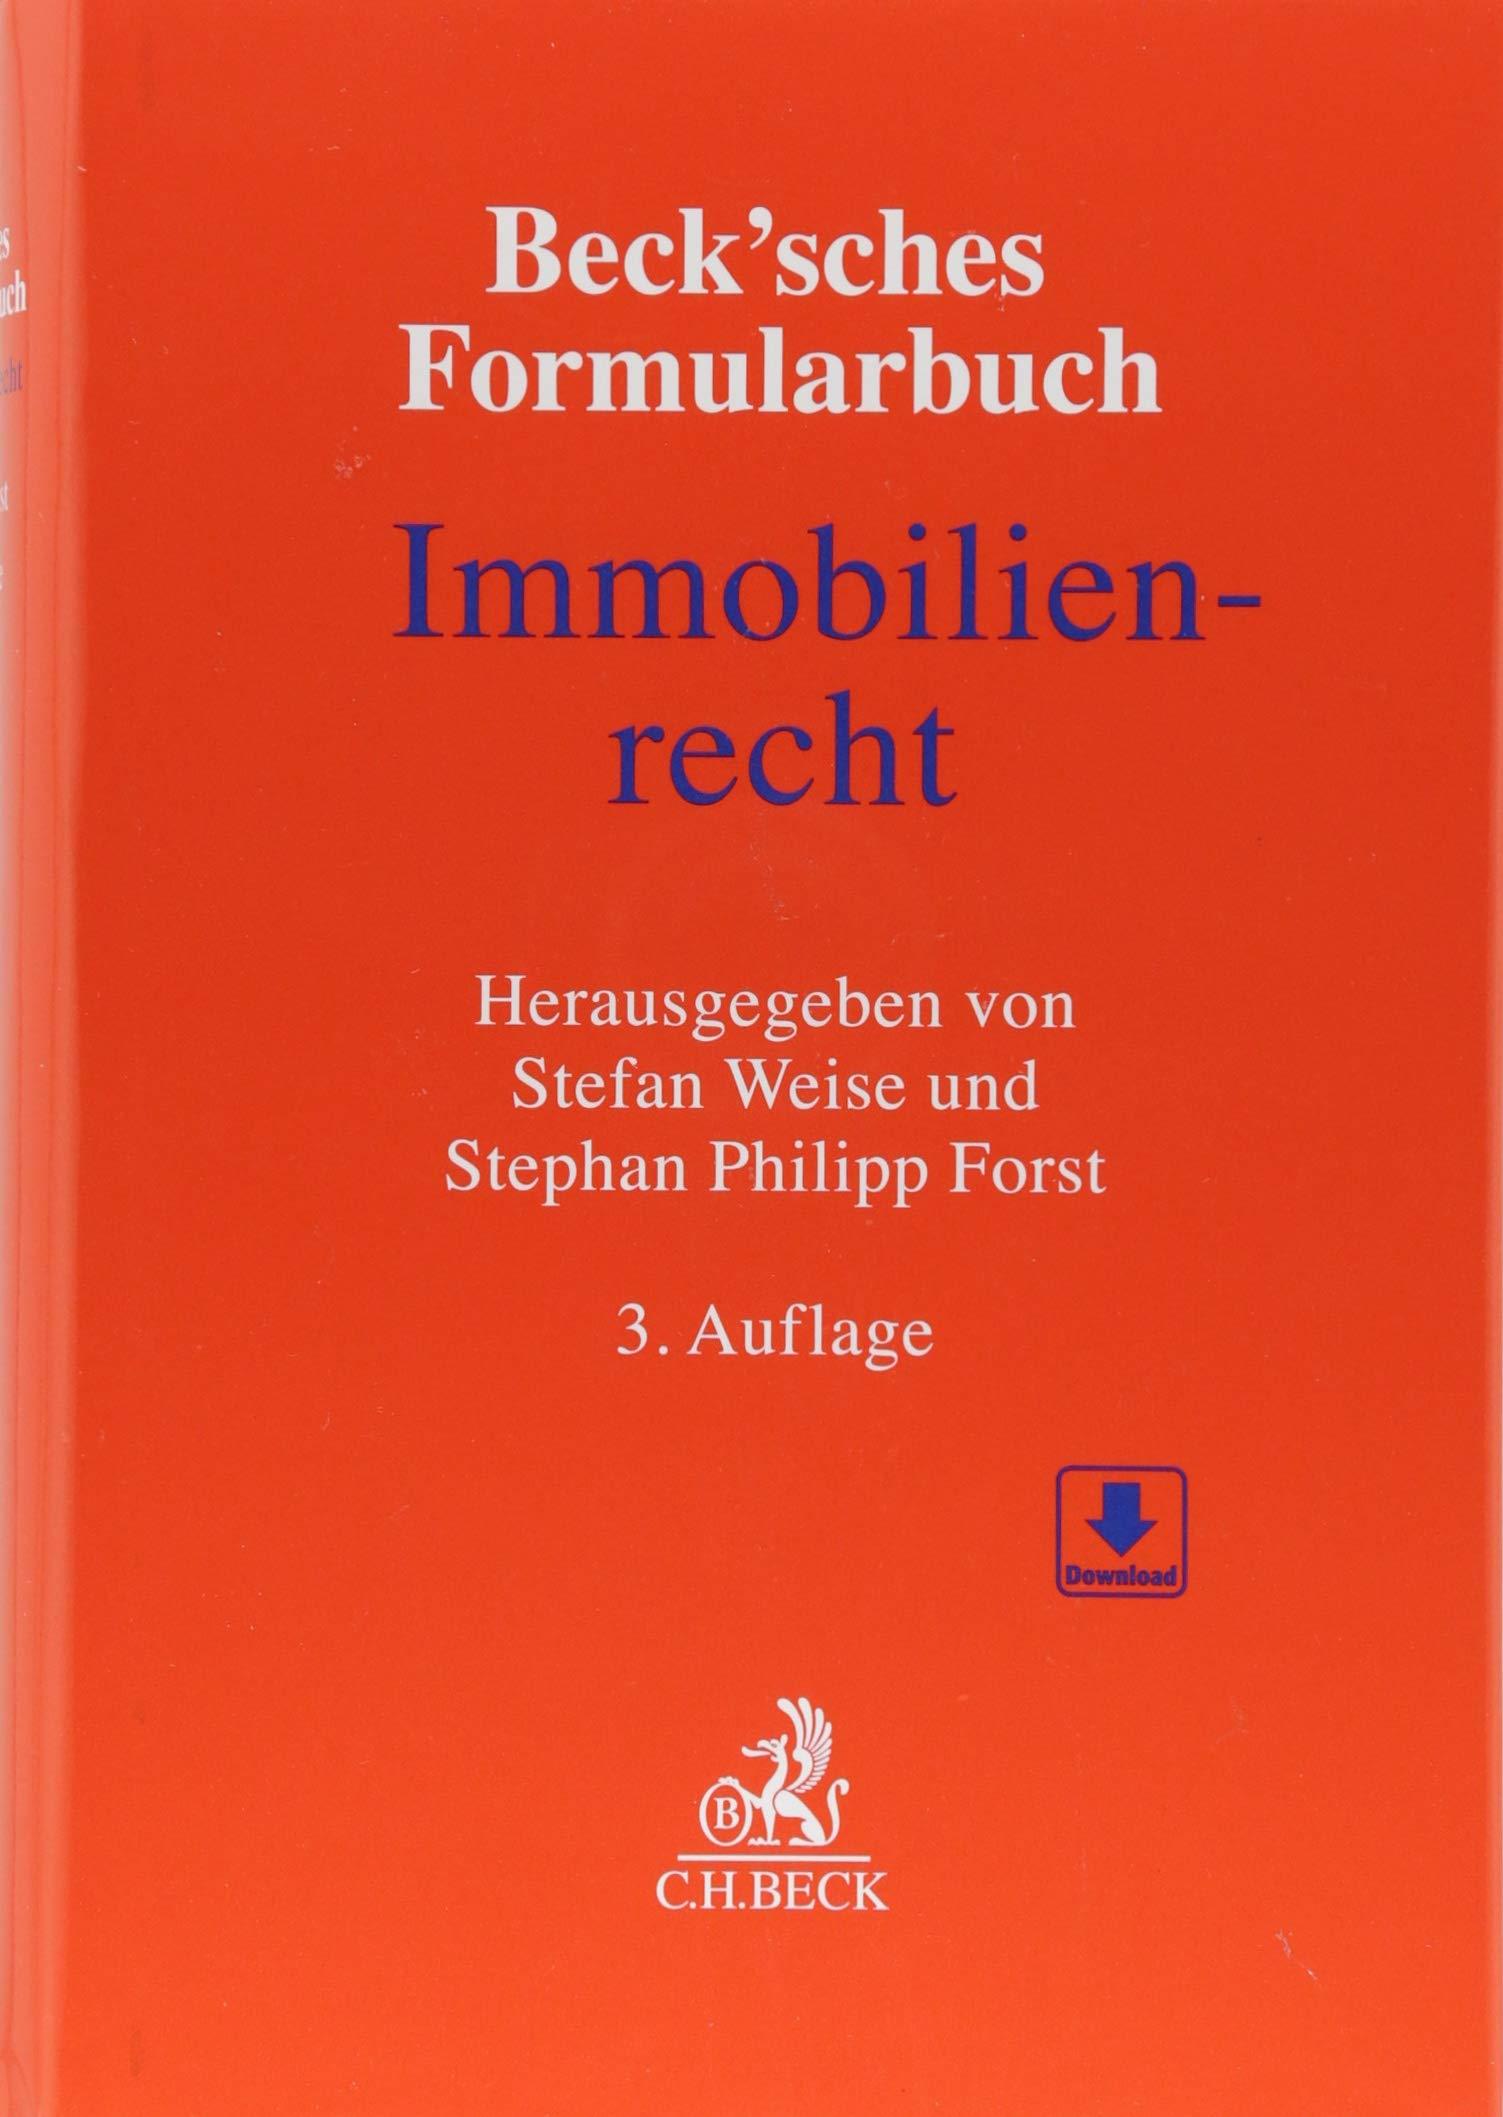 Beck\'sches Formularbuch Immobilienrecht Gebundenes Buch – 12. Juli 2018 Stefan Weise Stephan Philipp Forst Gregor Barbers Ulrich Bous